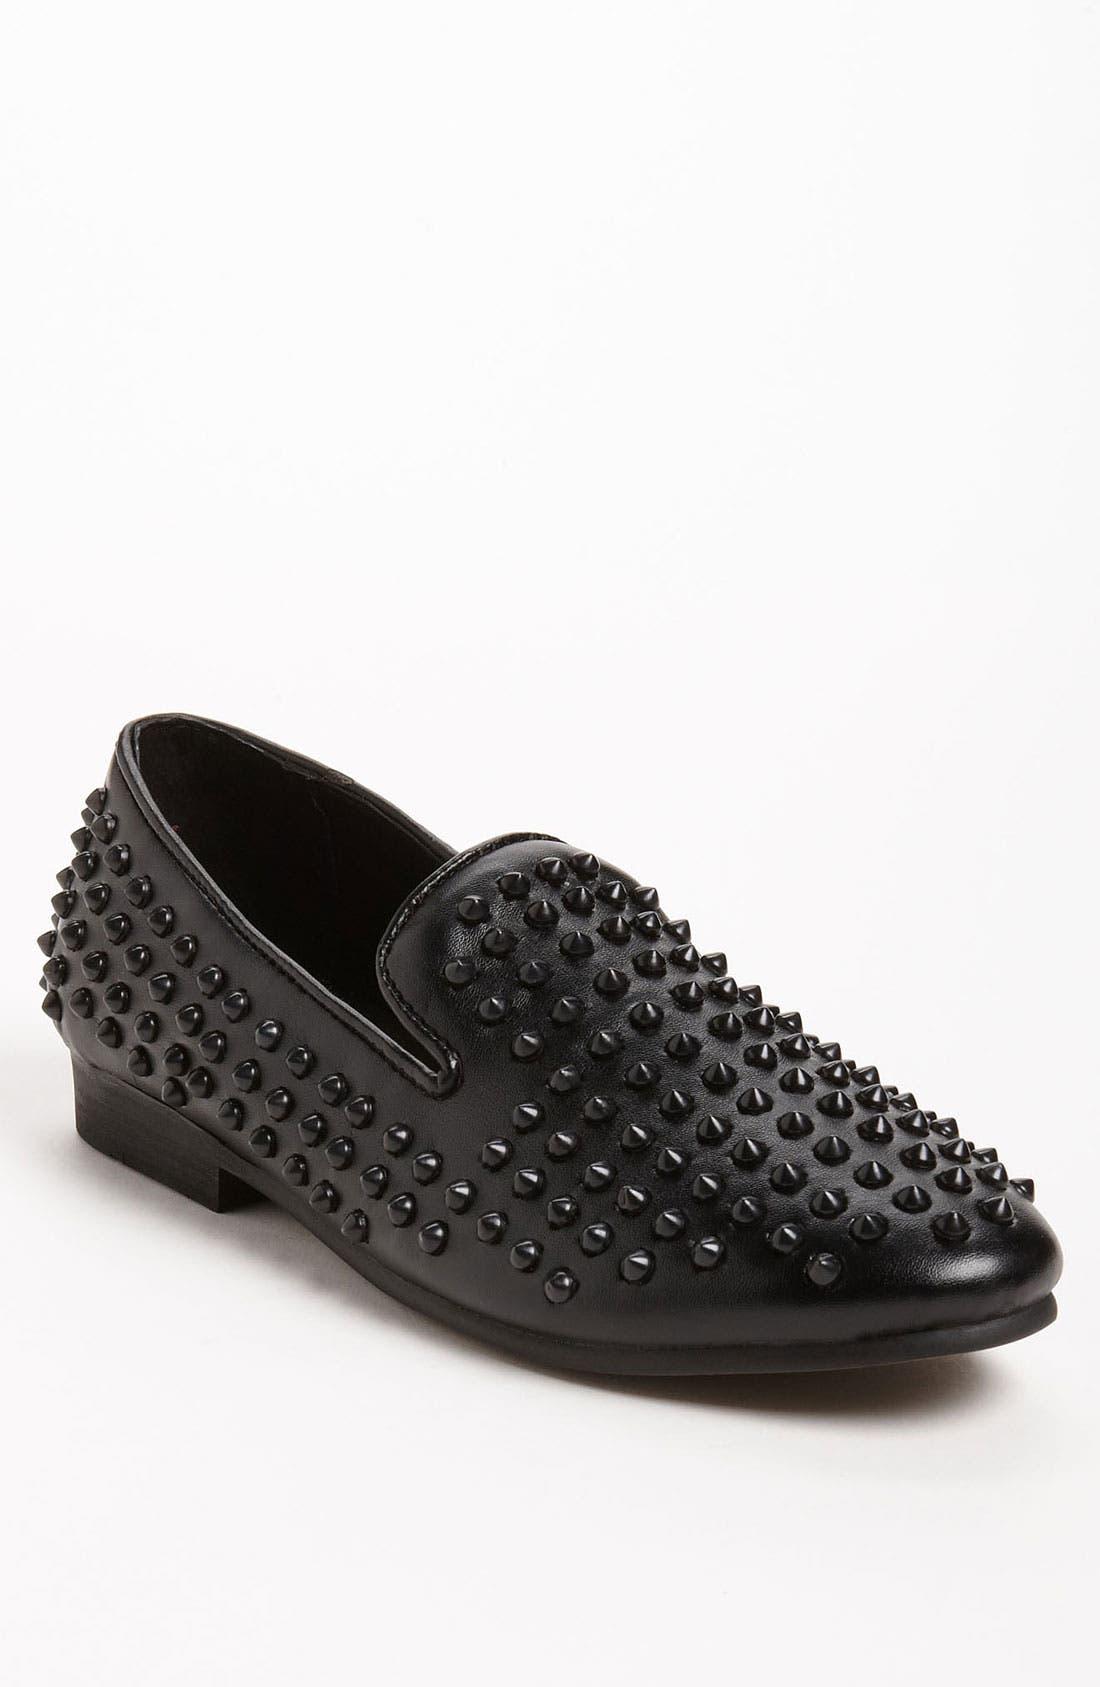 STEVE MADDEN 'Jagggrr' Studded Loafer, Main, color, 012